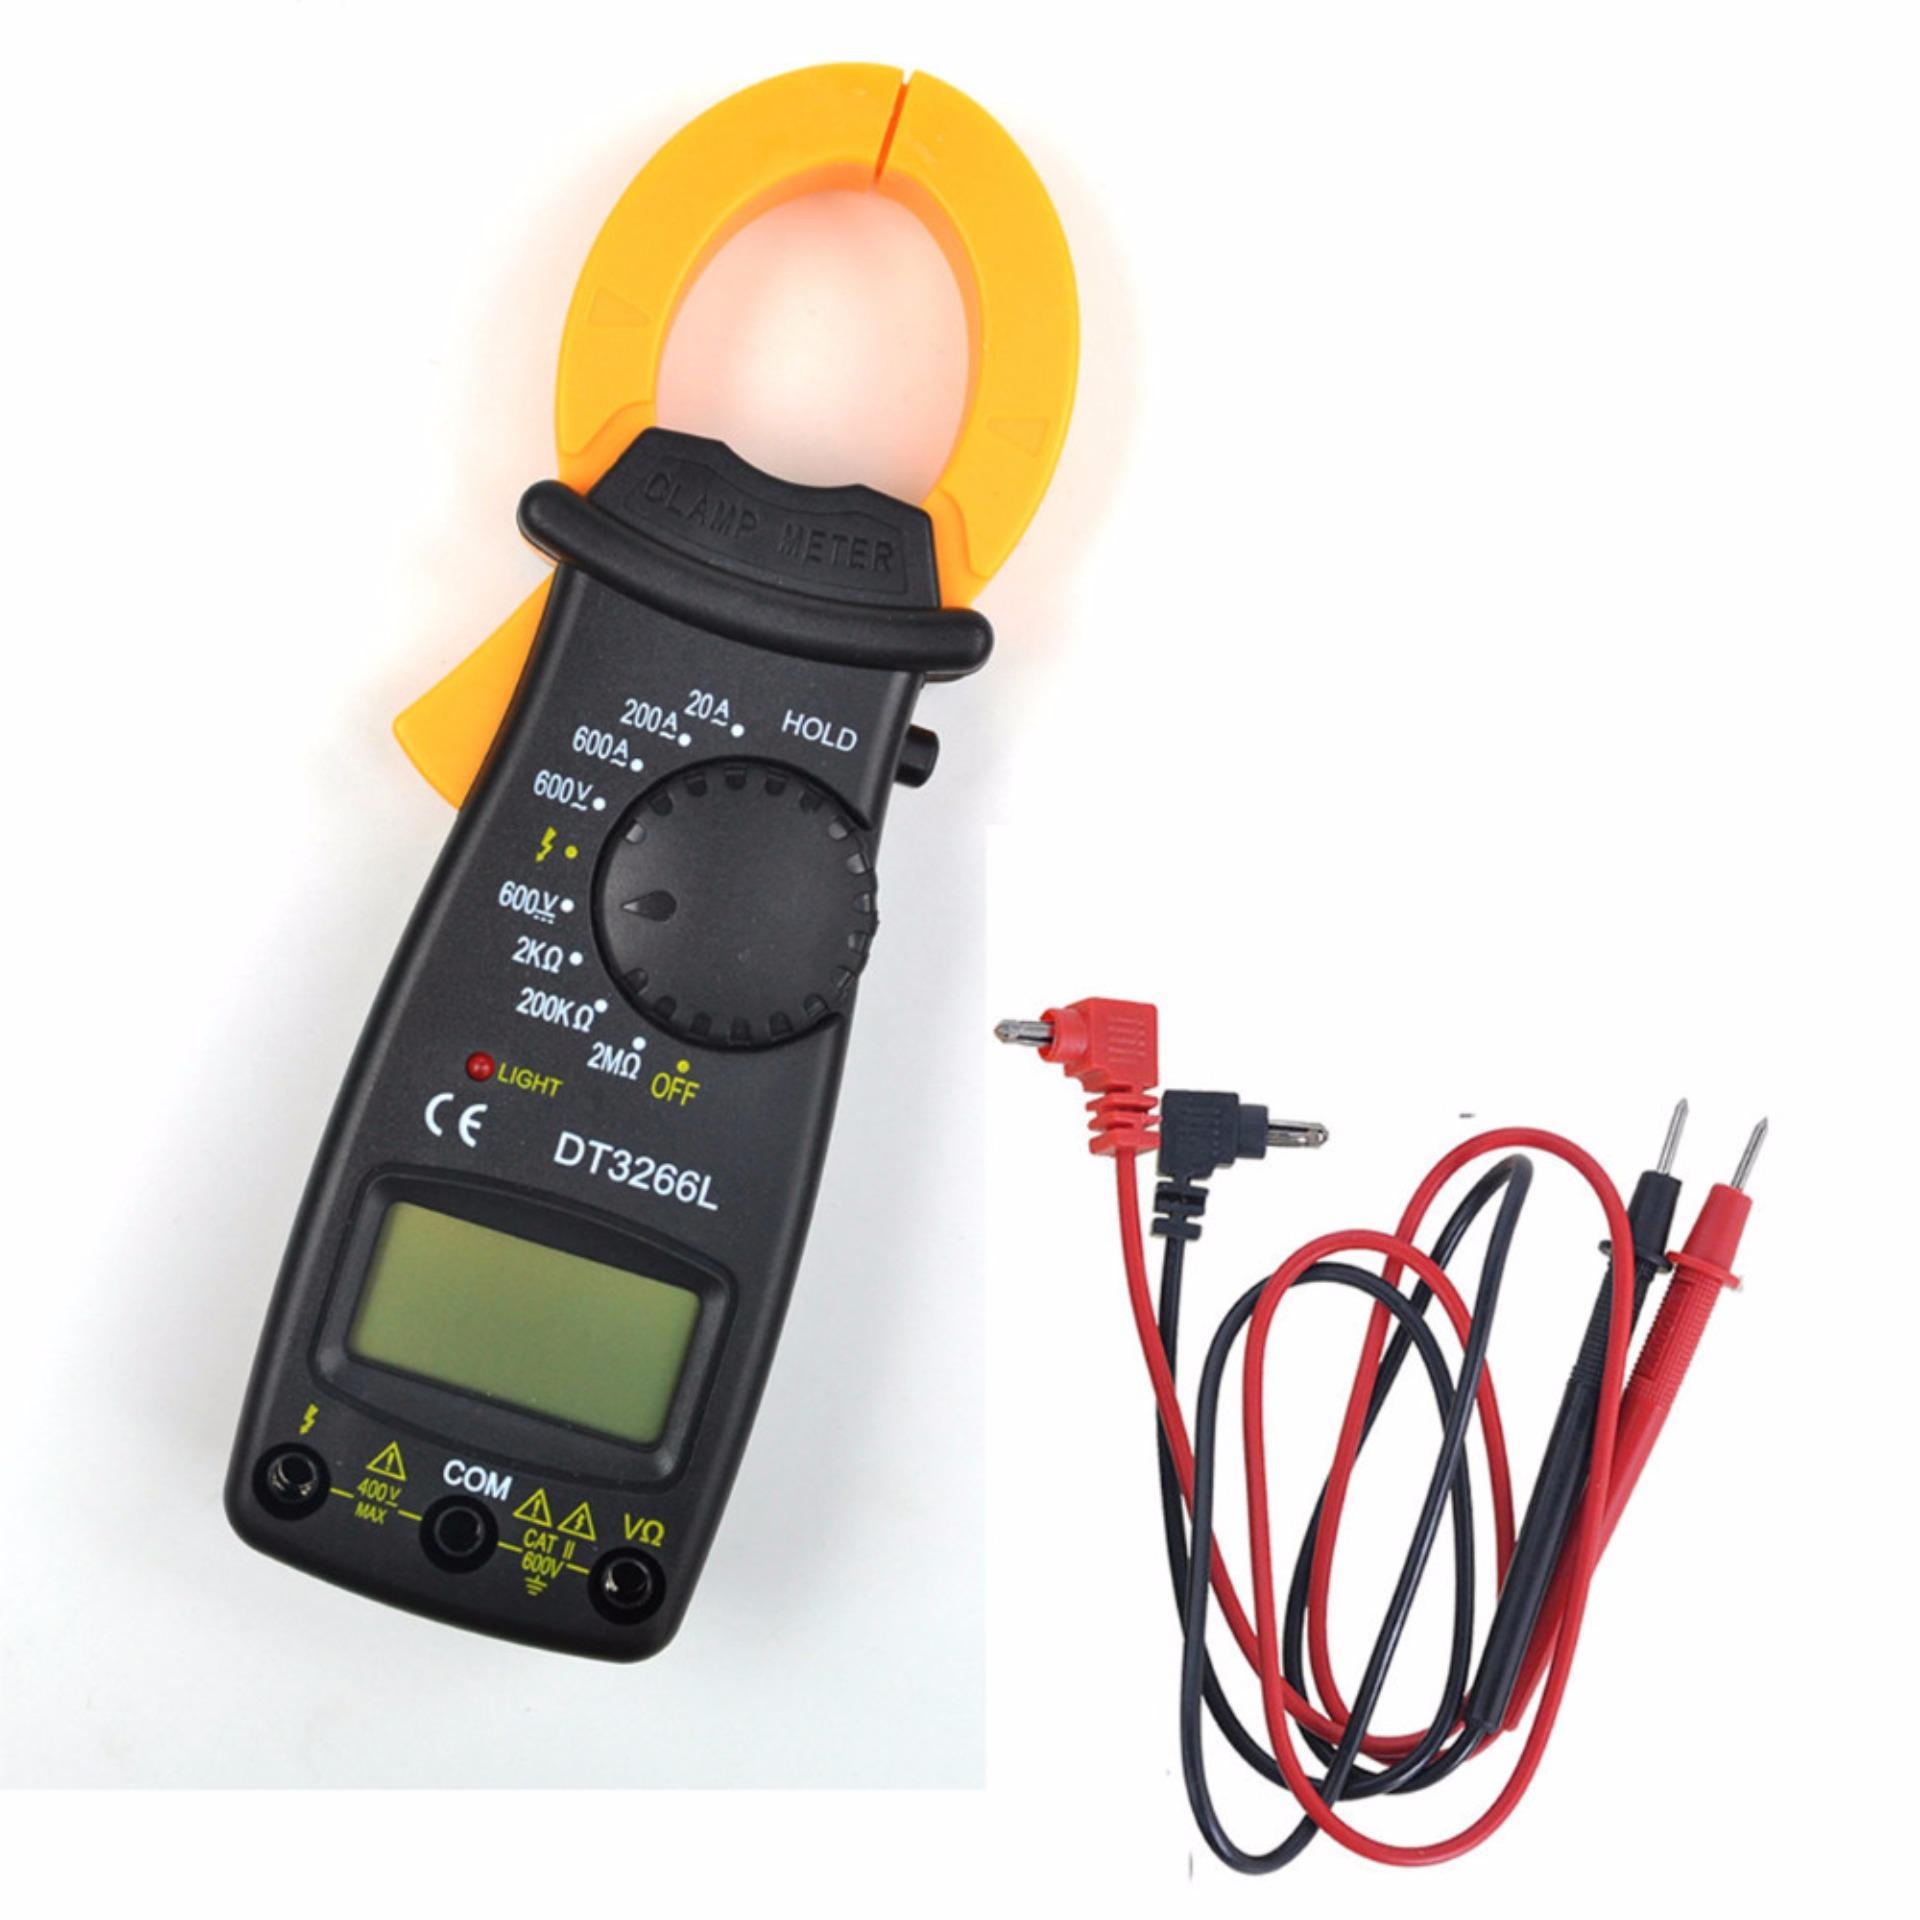 Giá Niêm Yết Ampe kìm đo điện DT3266L cầm tay